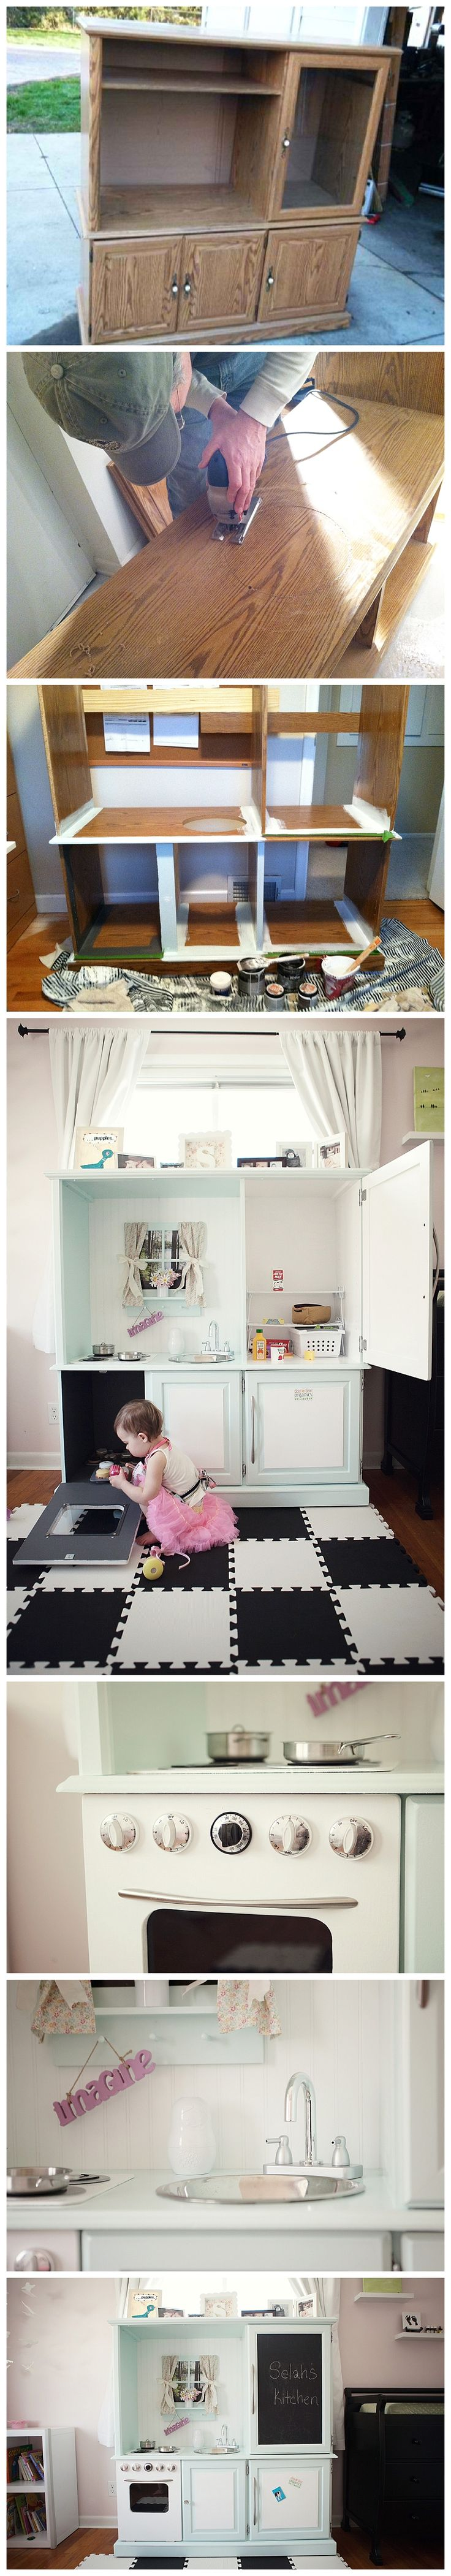 DIY 1950s Play Kitchen!  So dang cute!